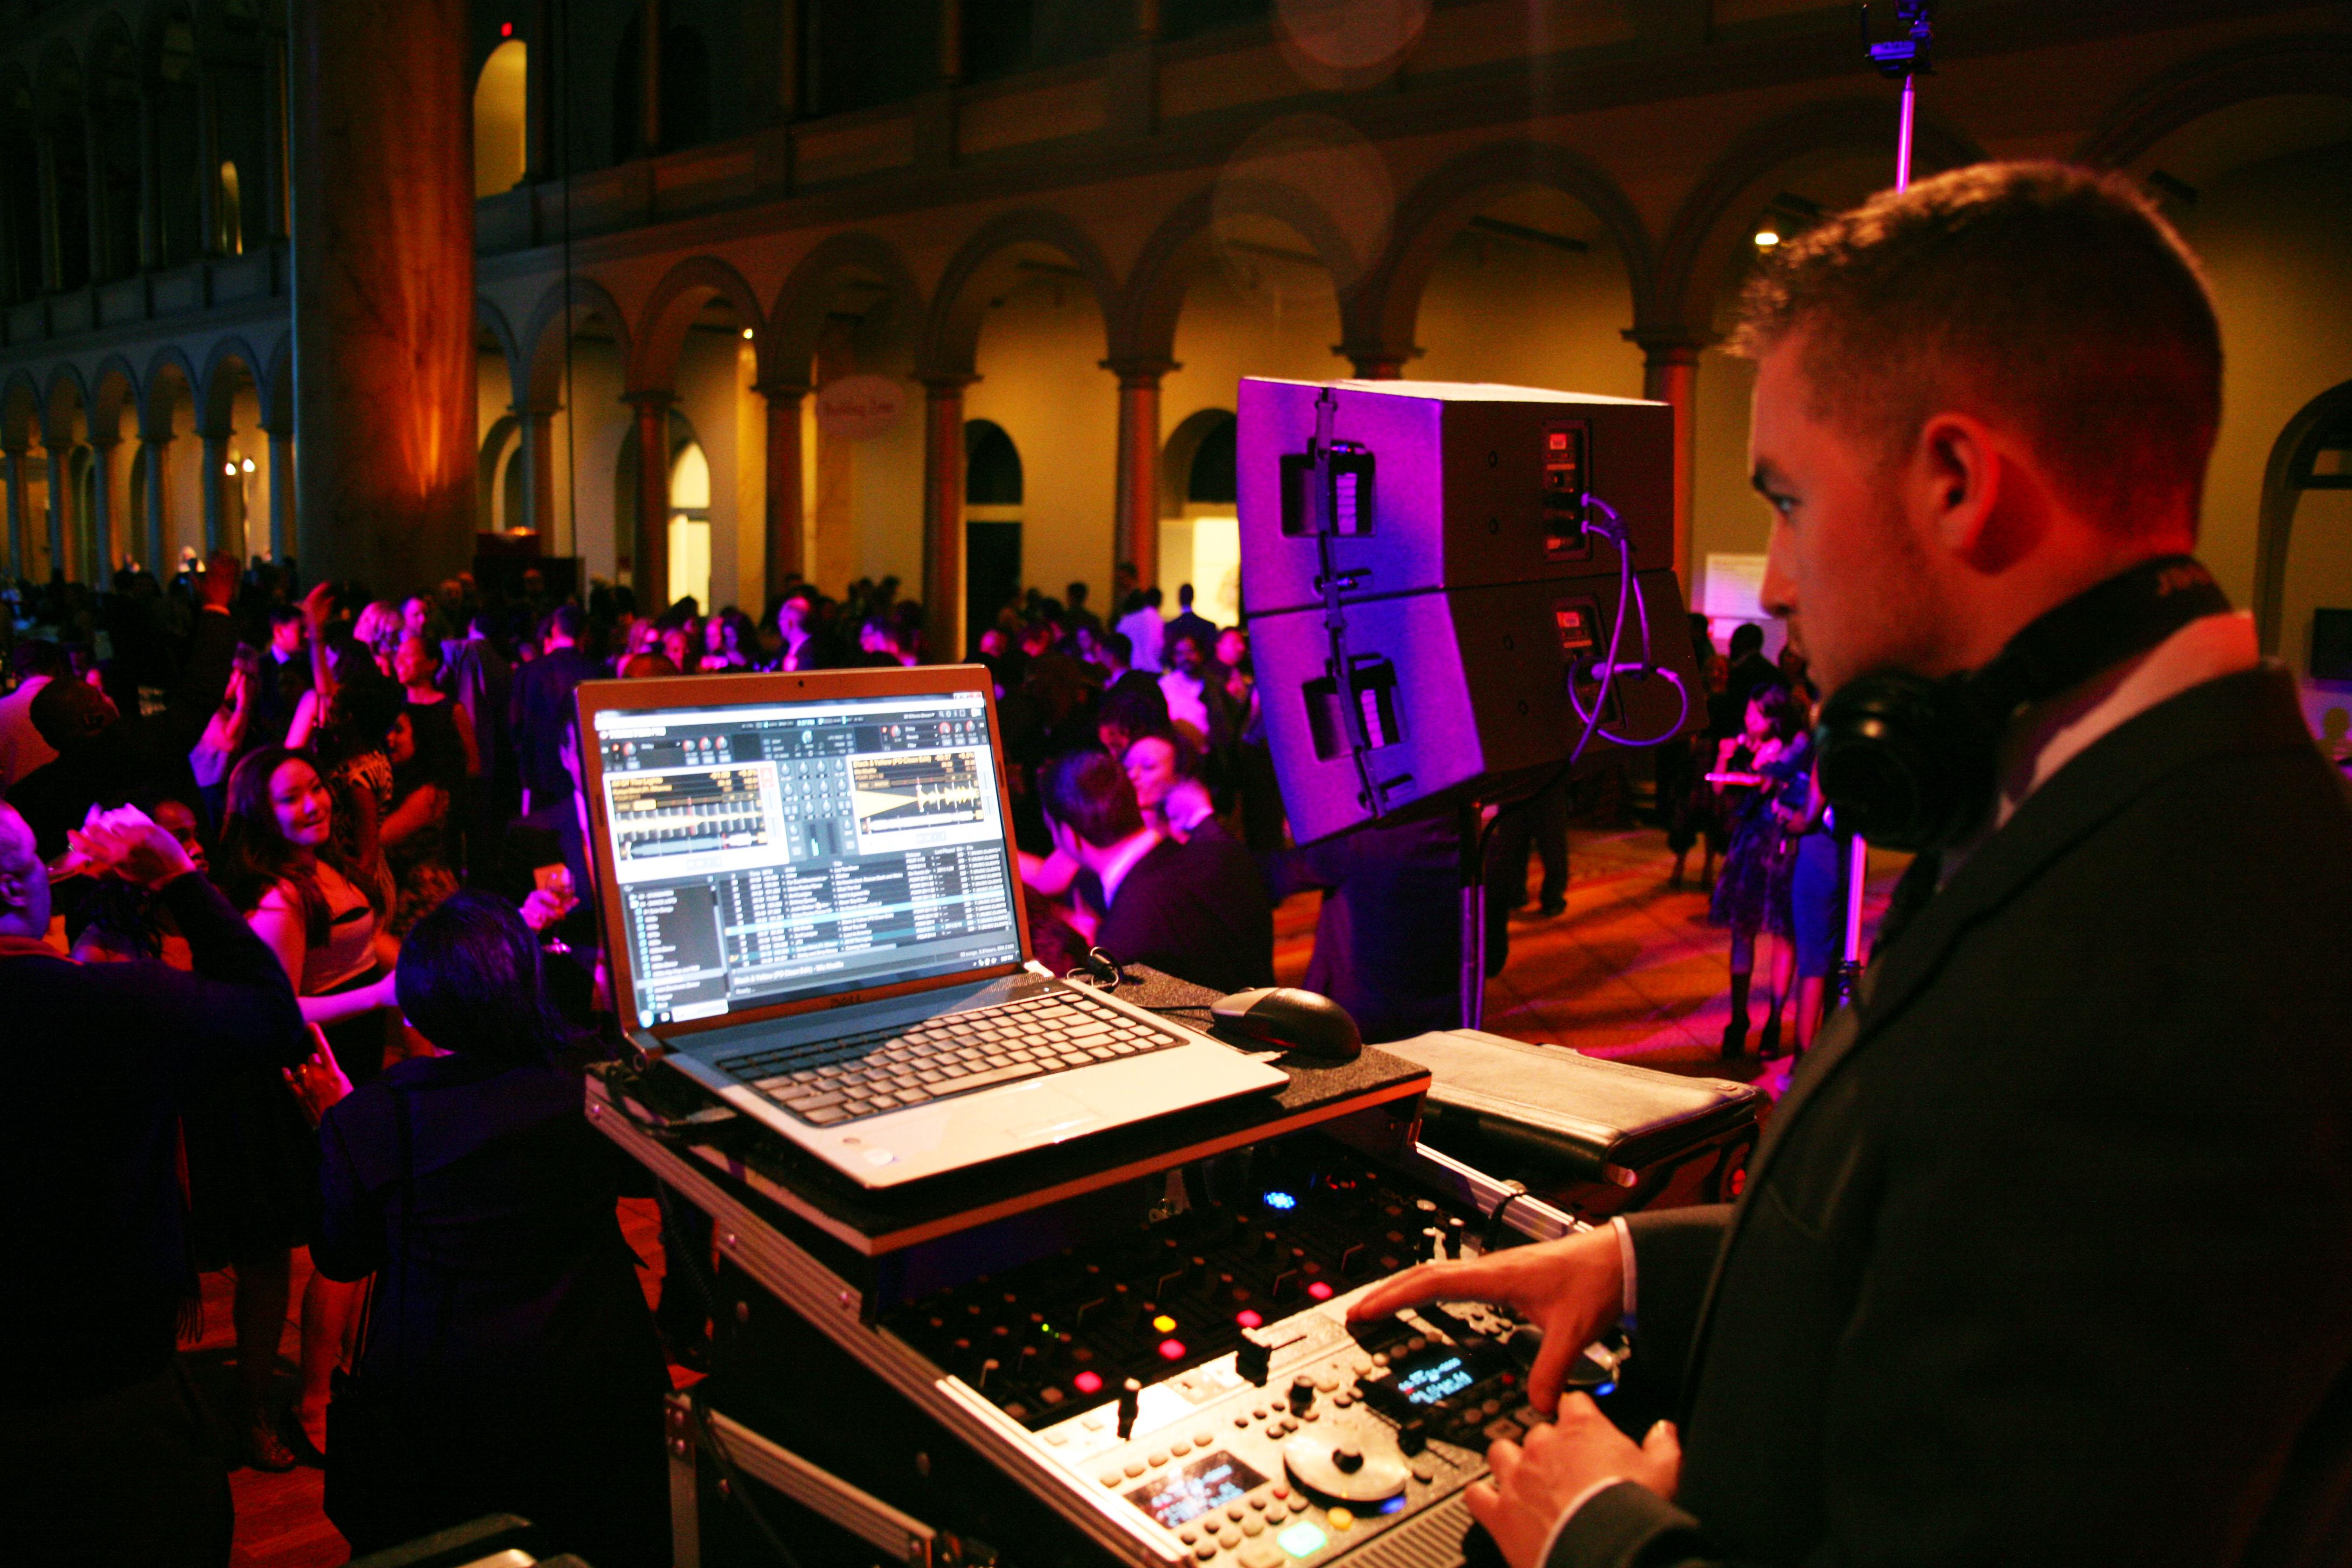 DJ navadno nudi ogromen repertoar, zato se za vsakega povabljenega najde prava pesem